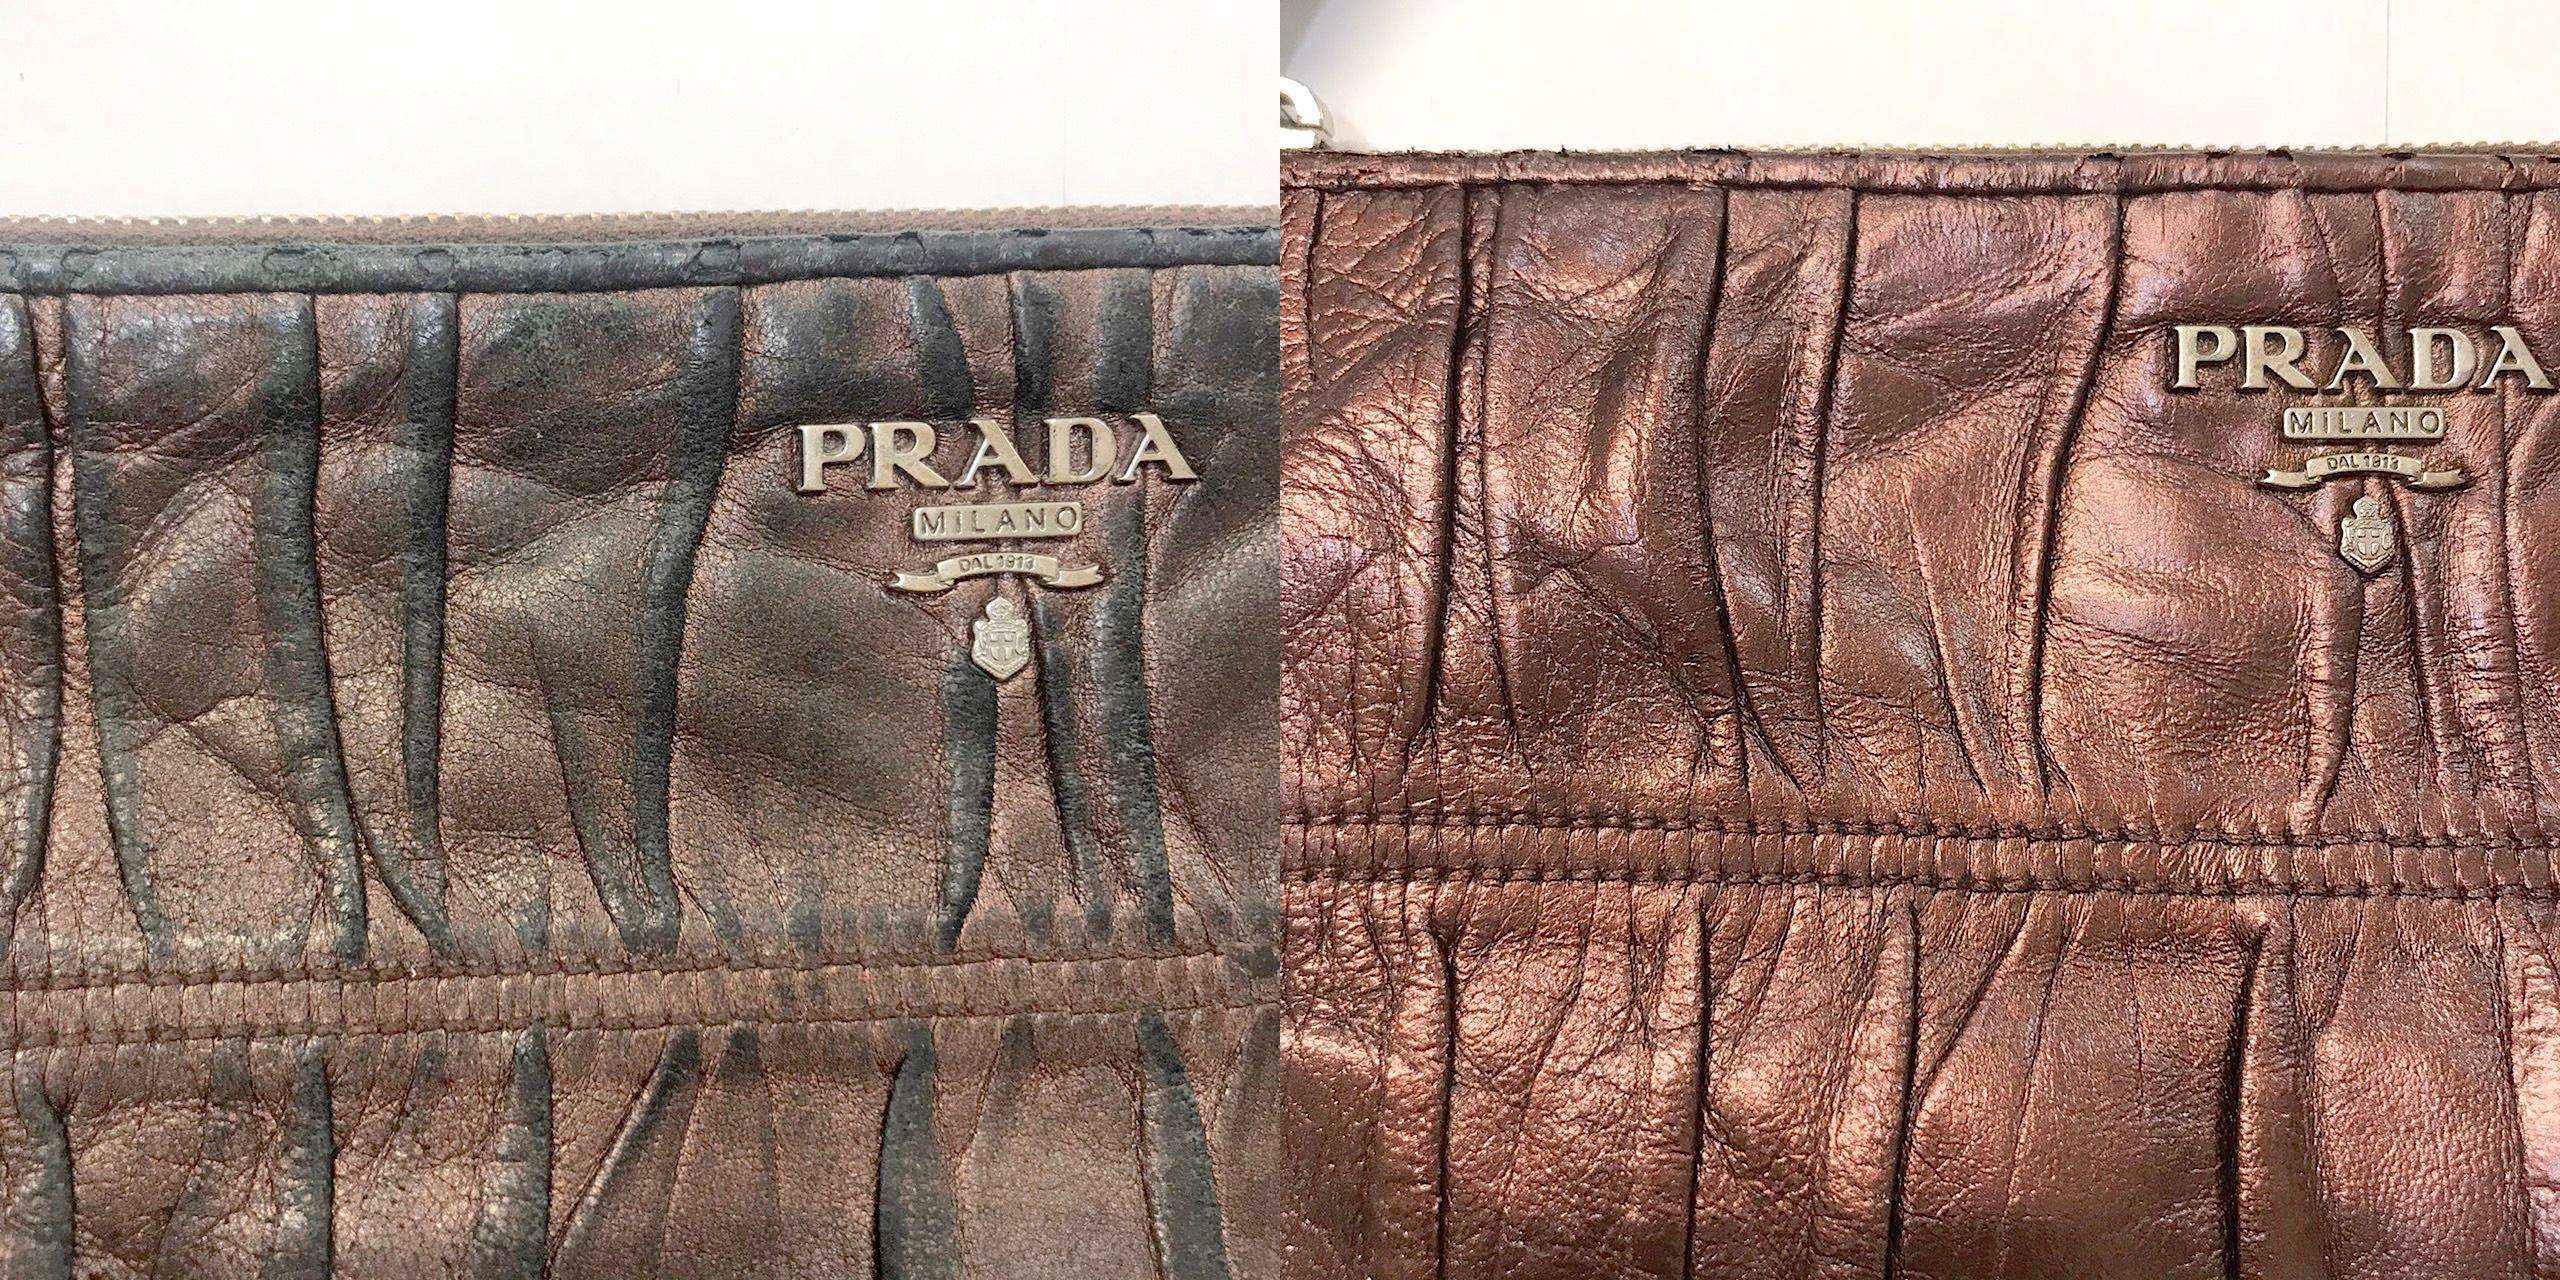 プラダ(prada)のメタリックレザーのポーチの全体色補修をご紹介